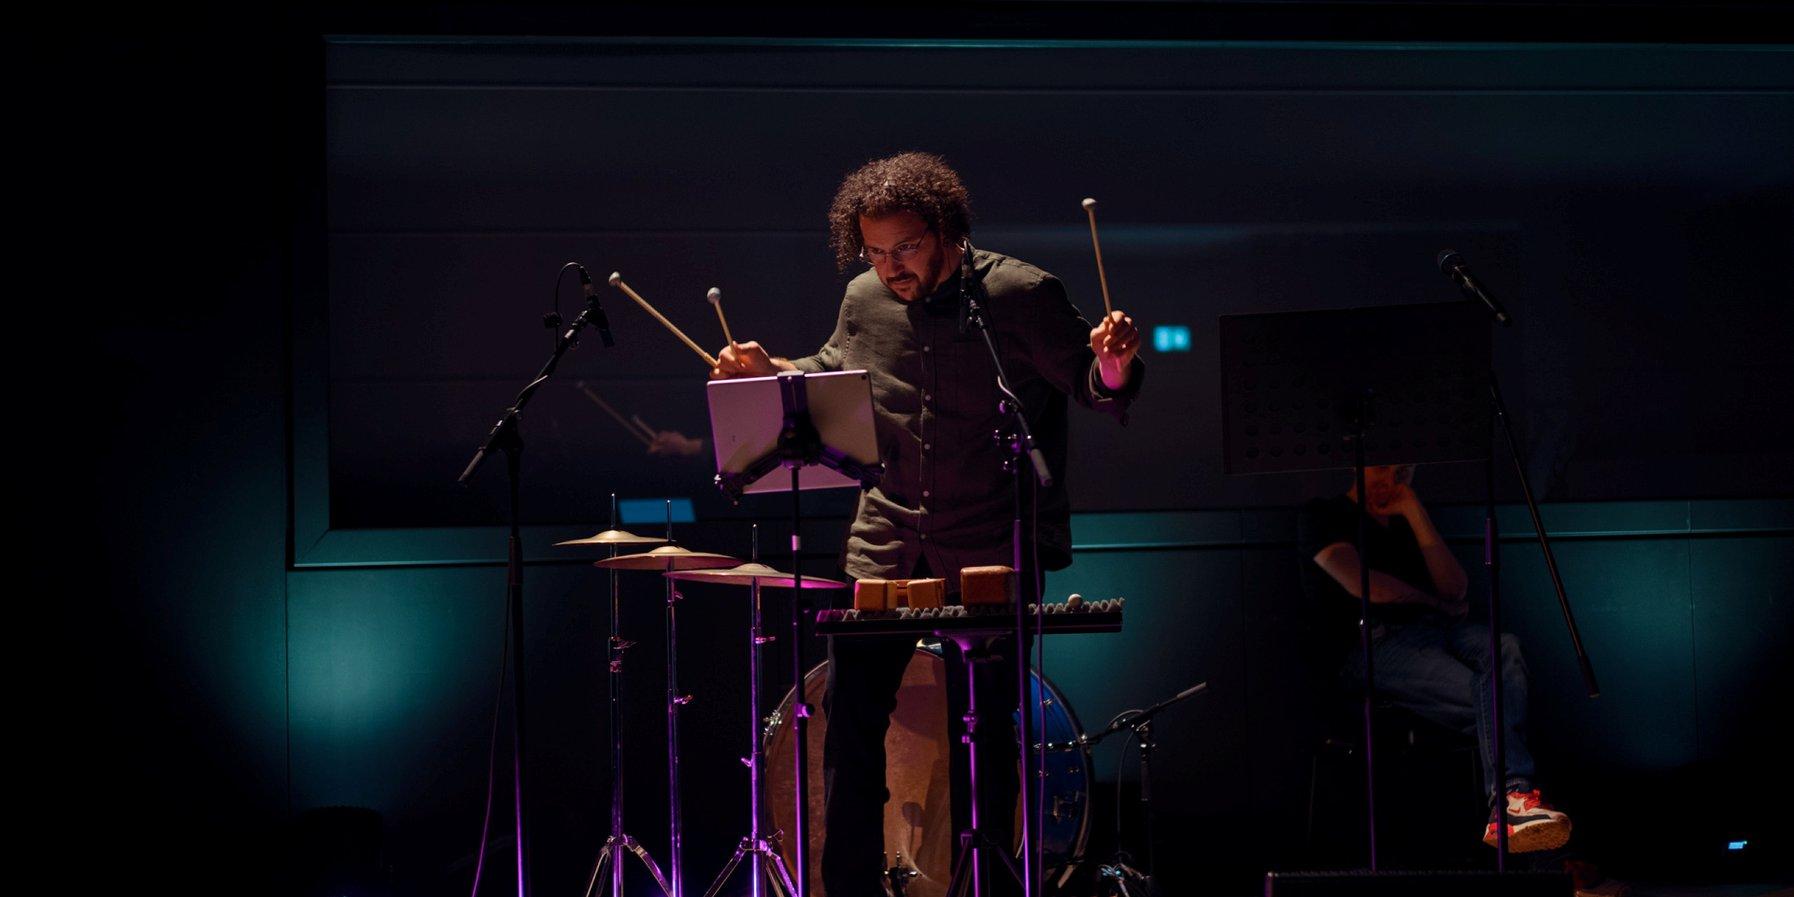 On percussion: Jonathan Shapiro